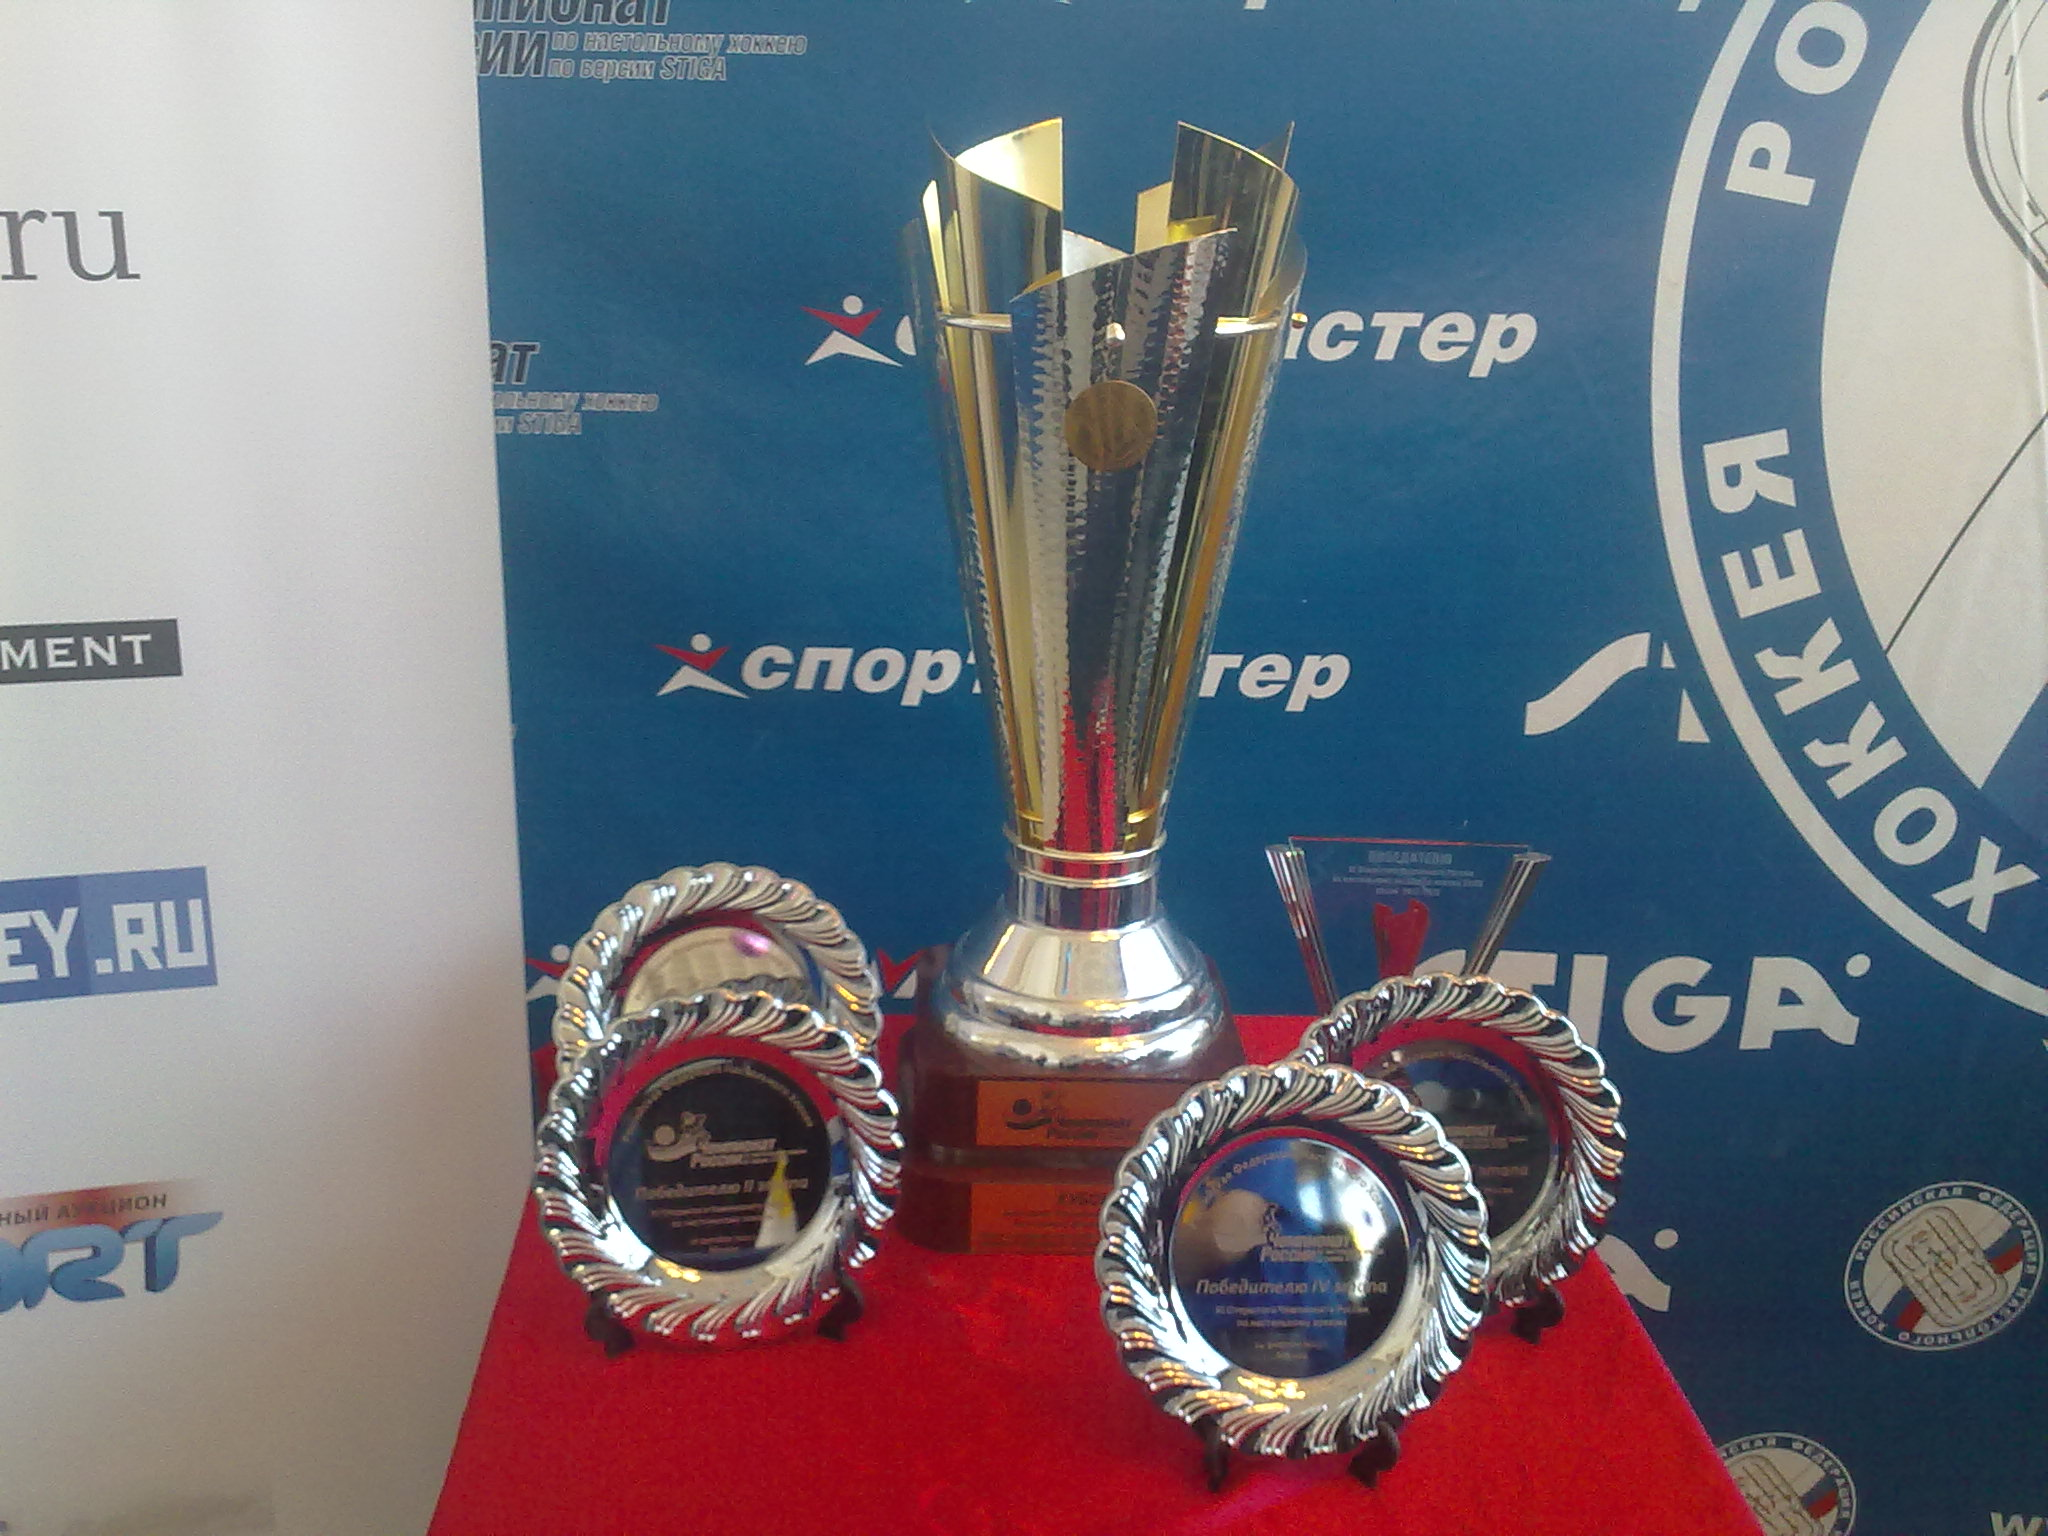 Кубок победителя этапа открытого чемпионата России